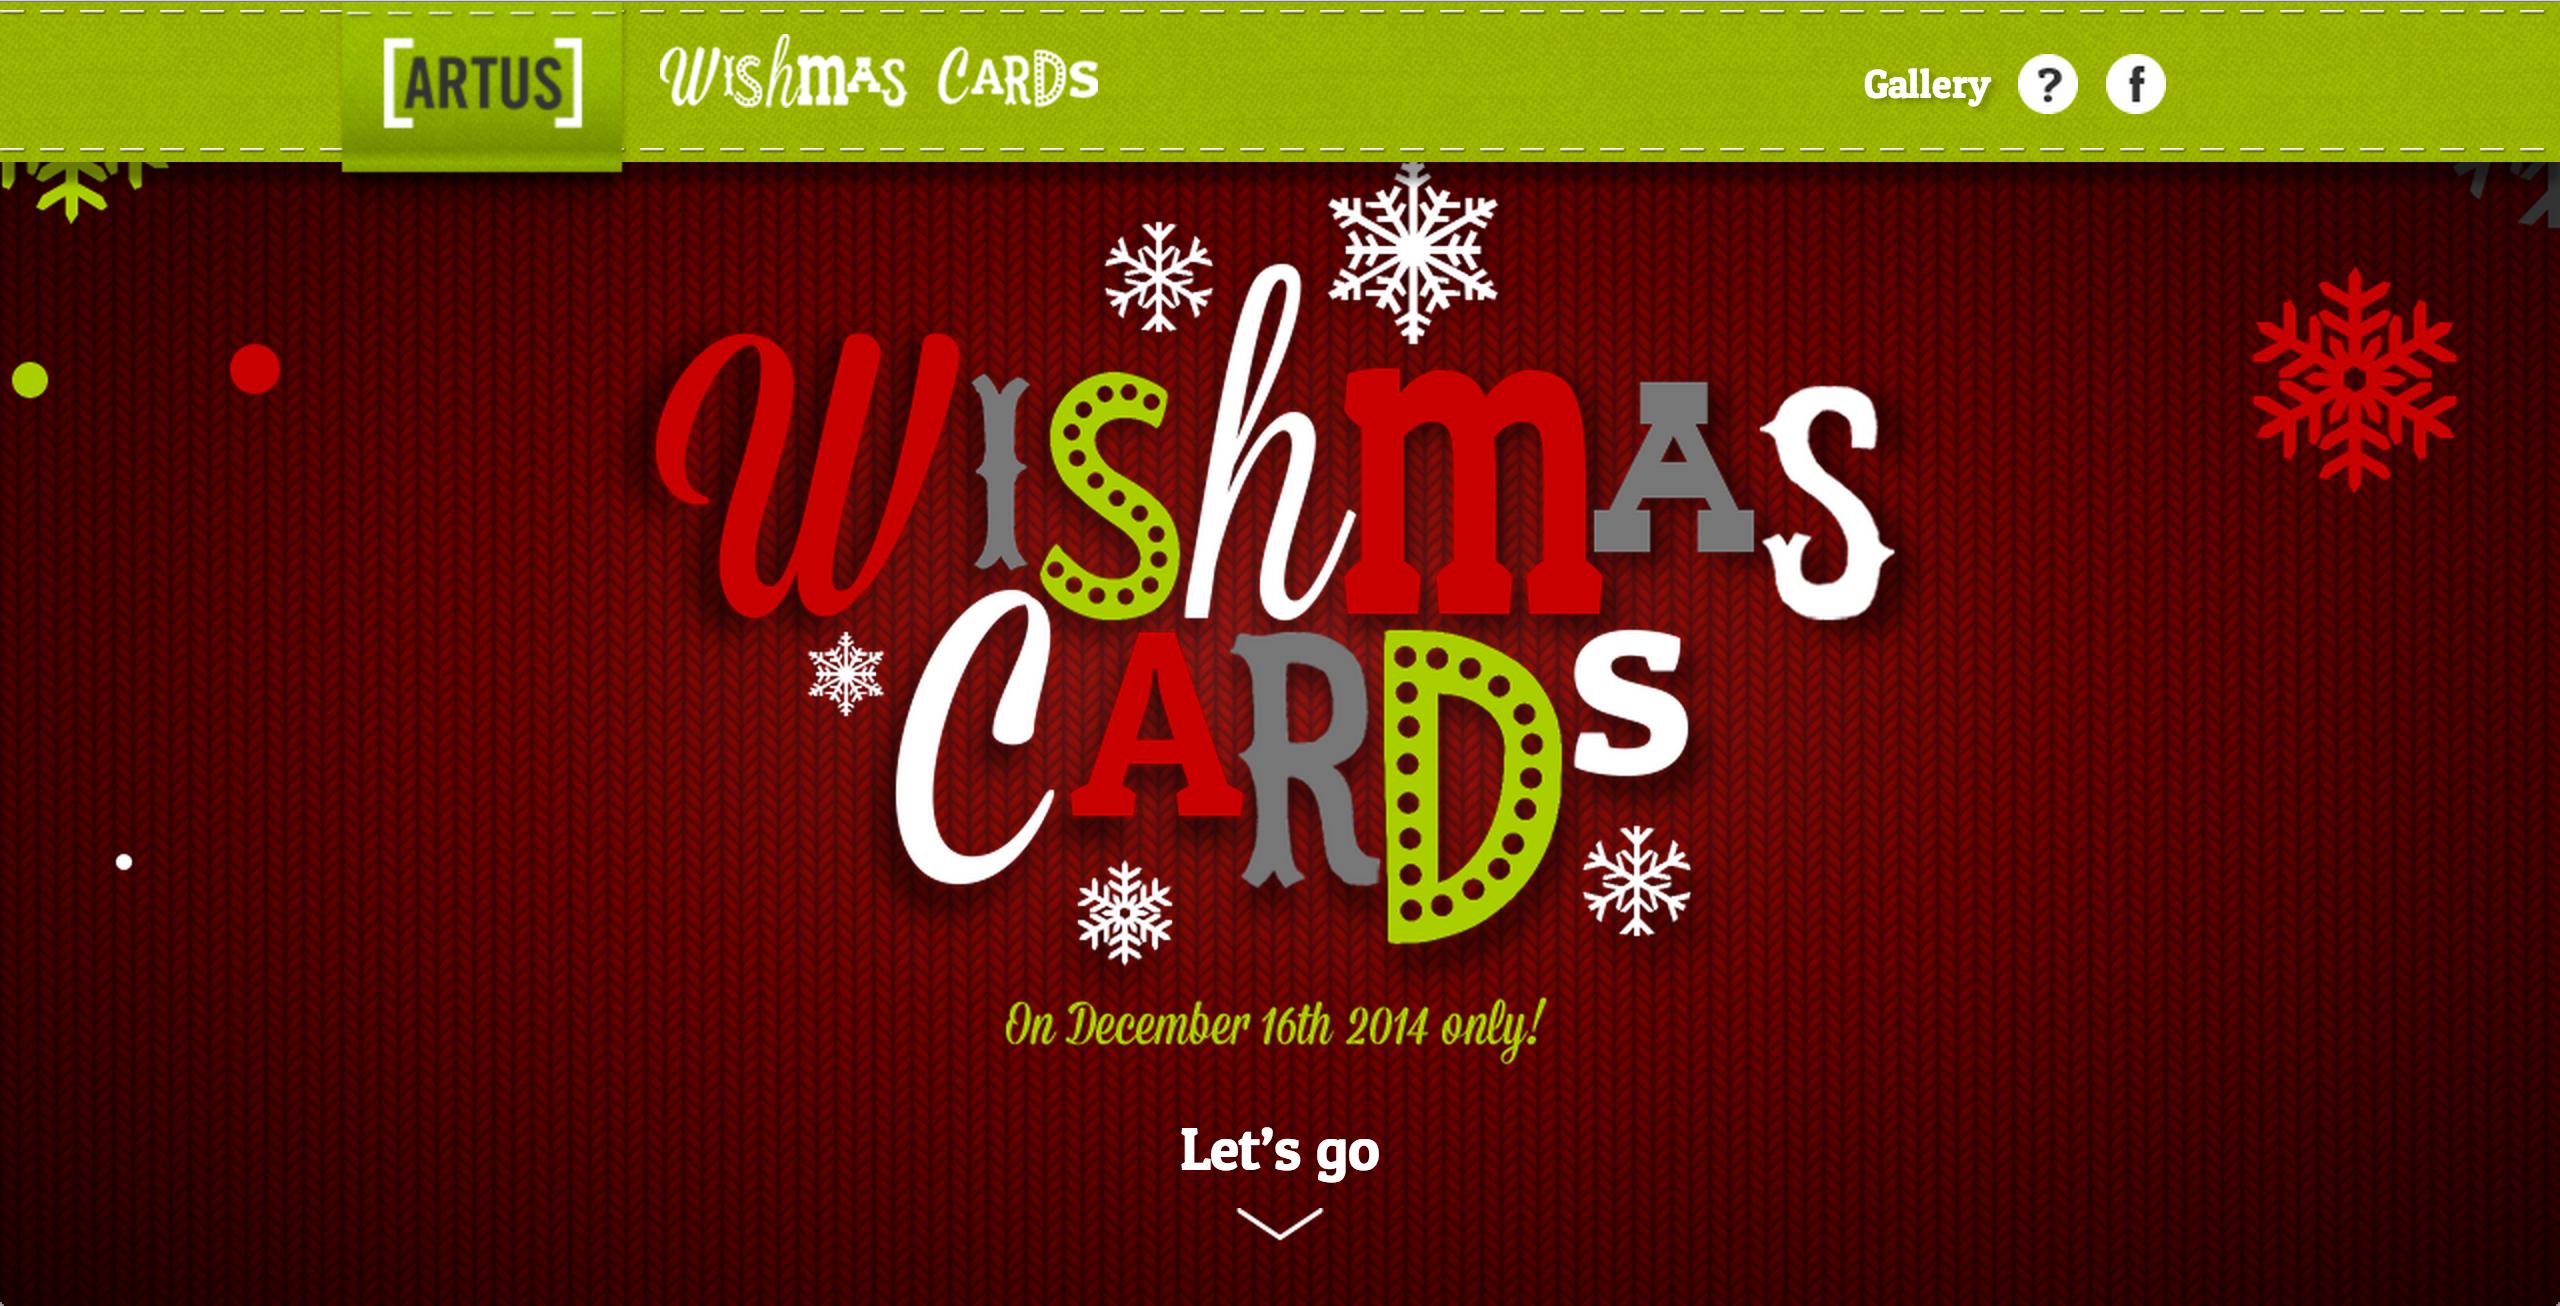 Weihnachtsgr e 2014 update - Interaktive weihnachtskarte ...